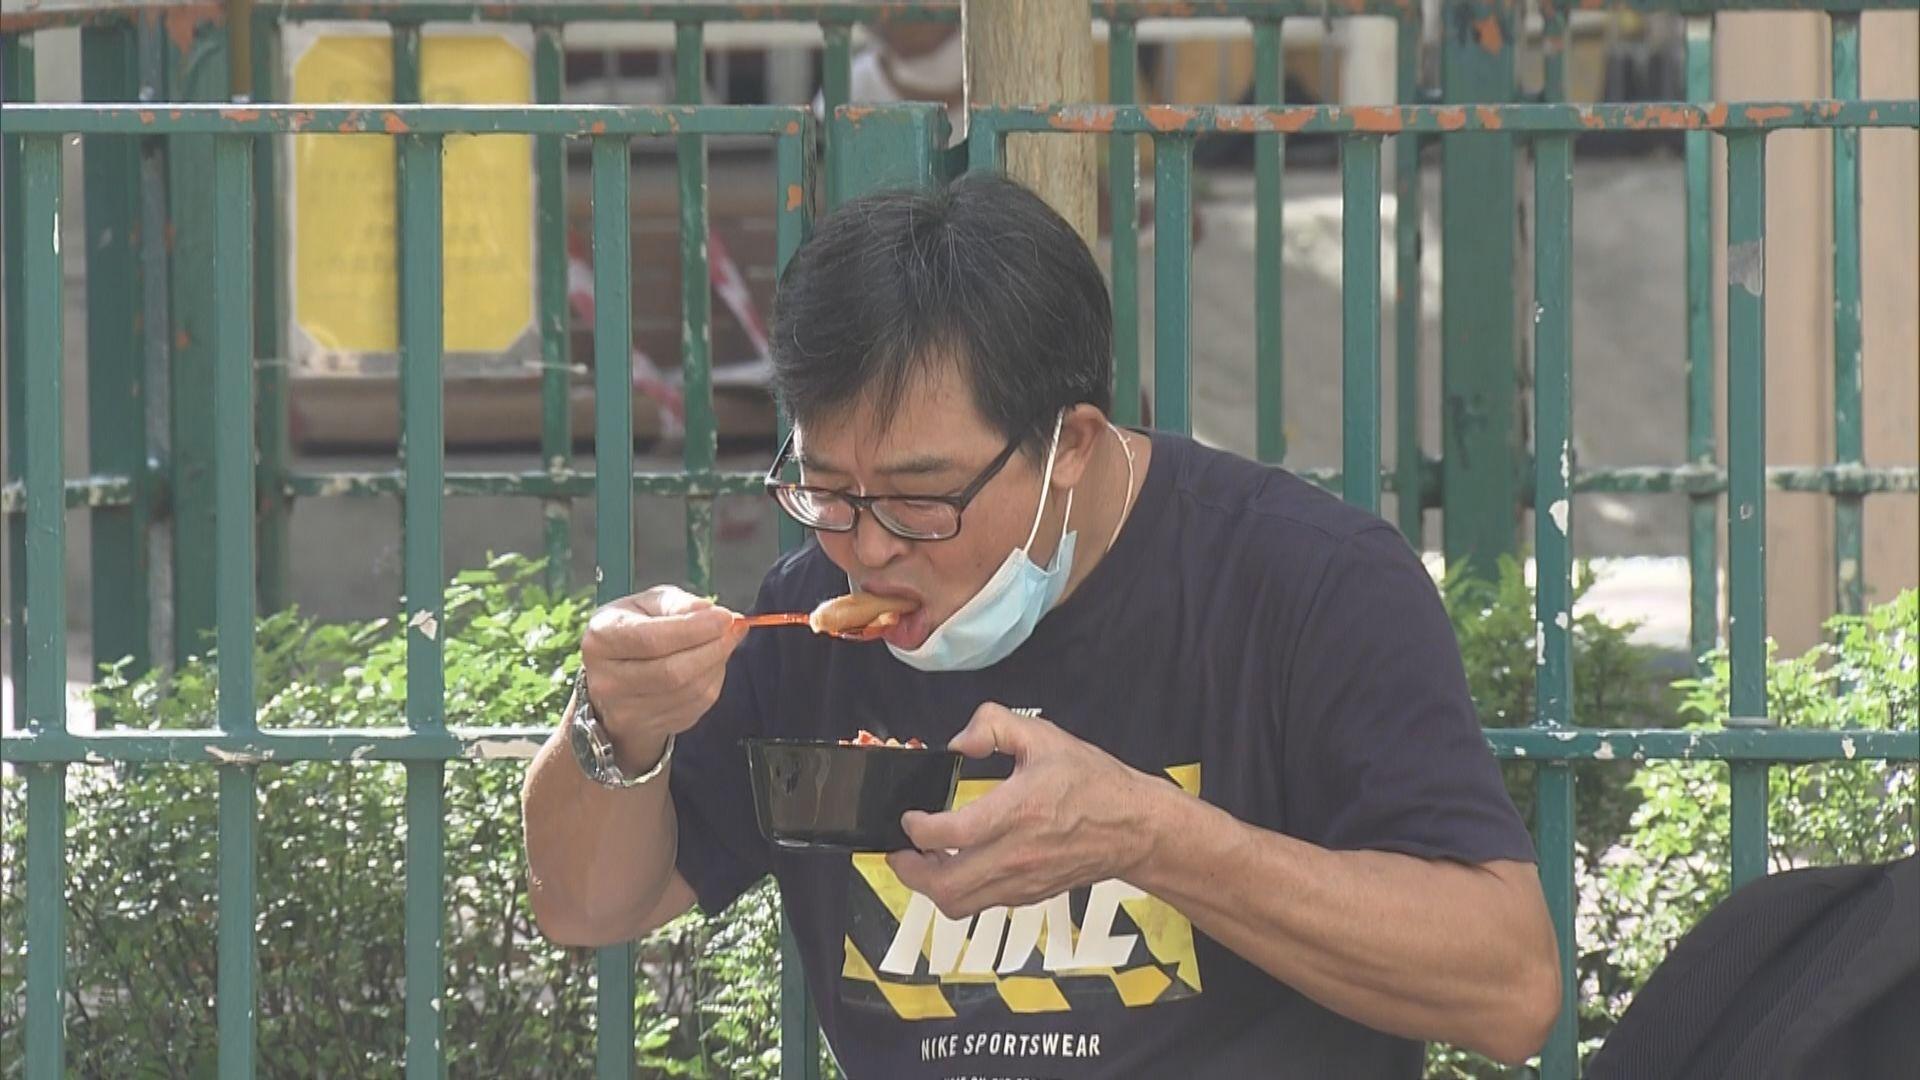 【開飯難】公園變飯堂、路壆當餐枱 無堂食的第一天